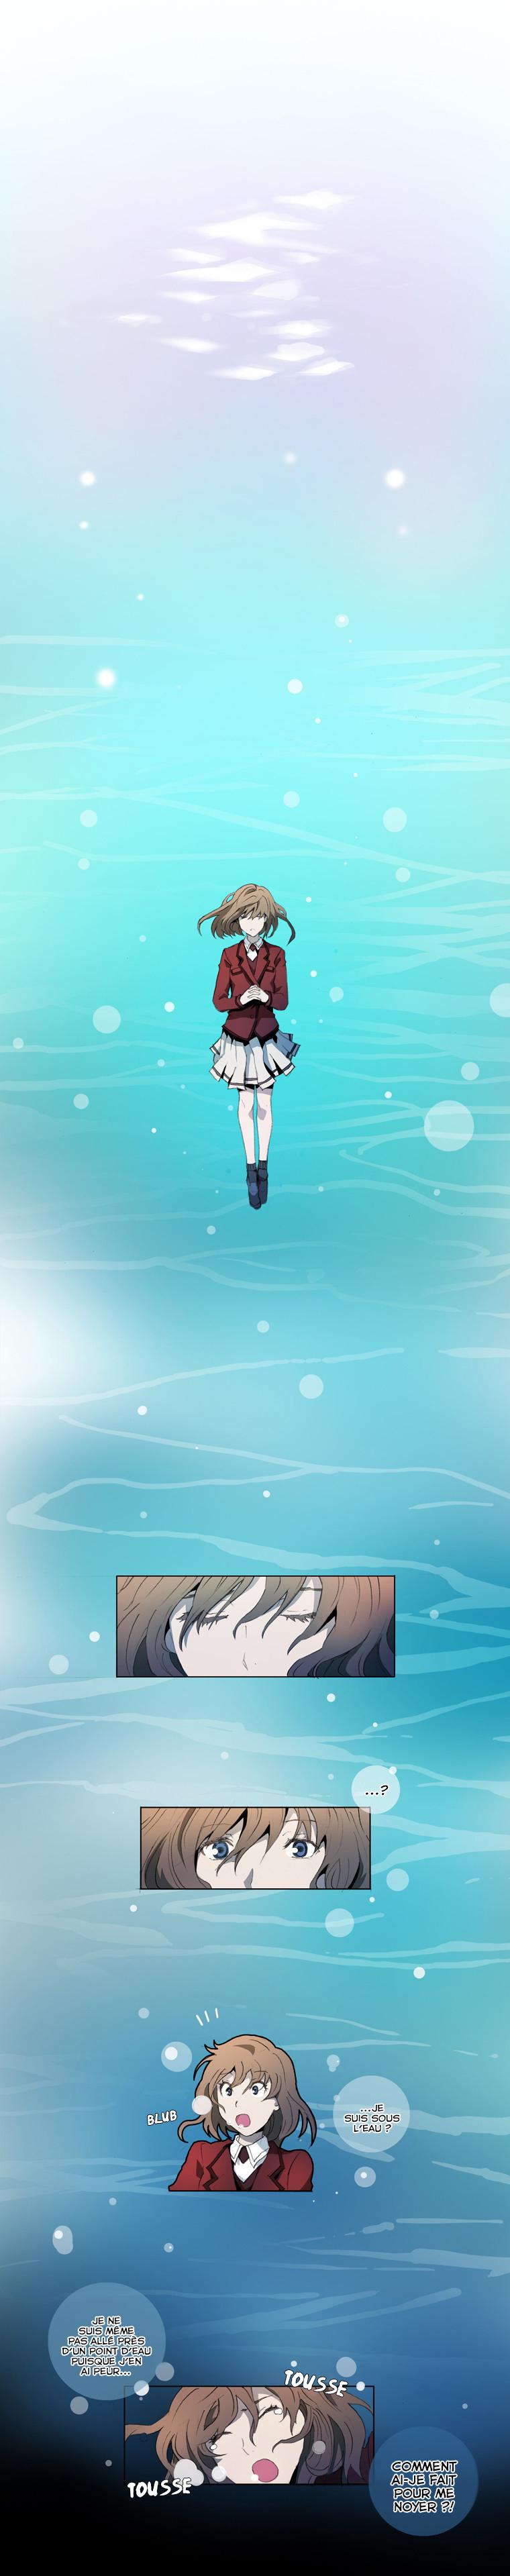 https://nine.mangadogs.com/fr_manga/pic1/5/2053/74635/LimeOdyssey1VF_0_431.jpg Page 1